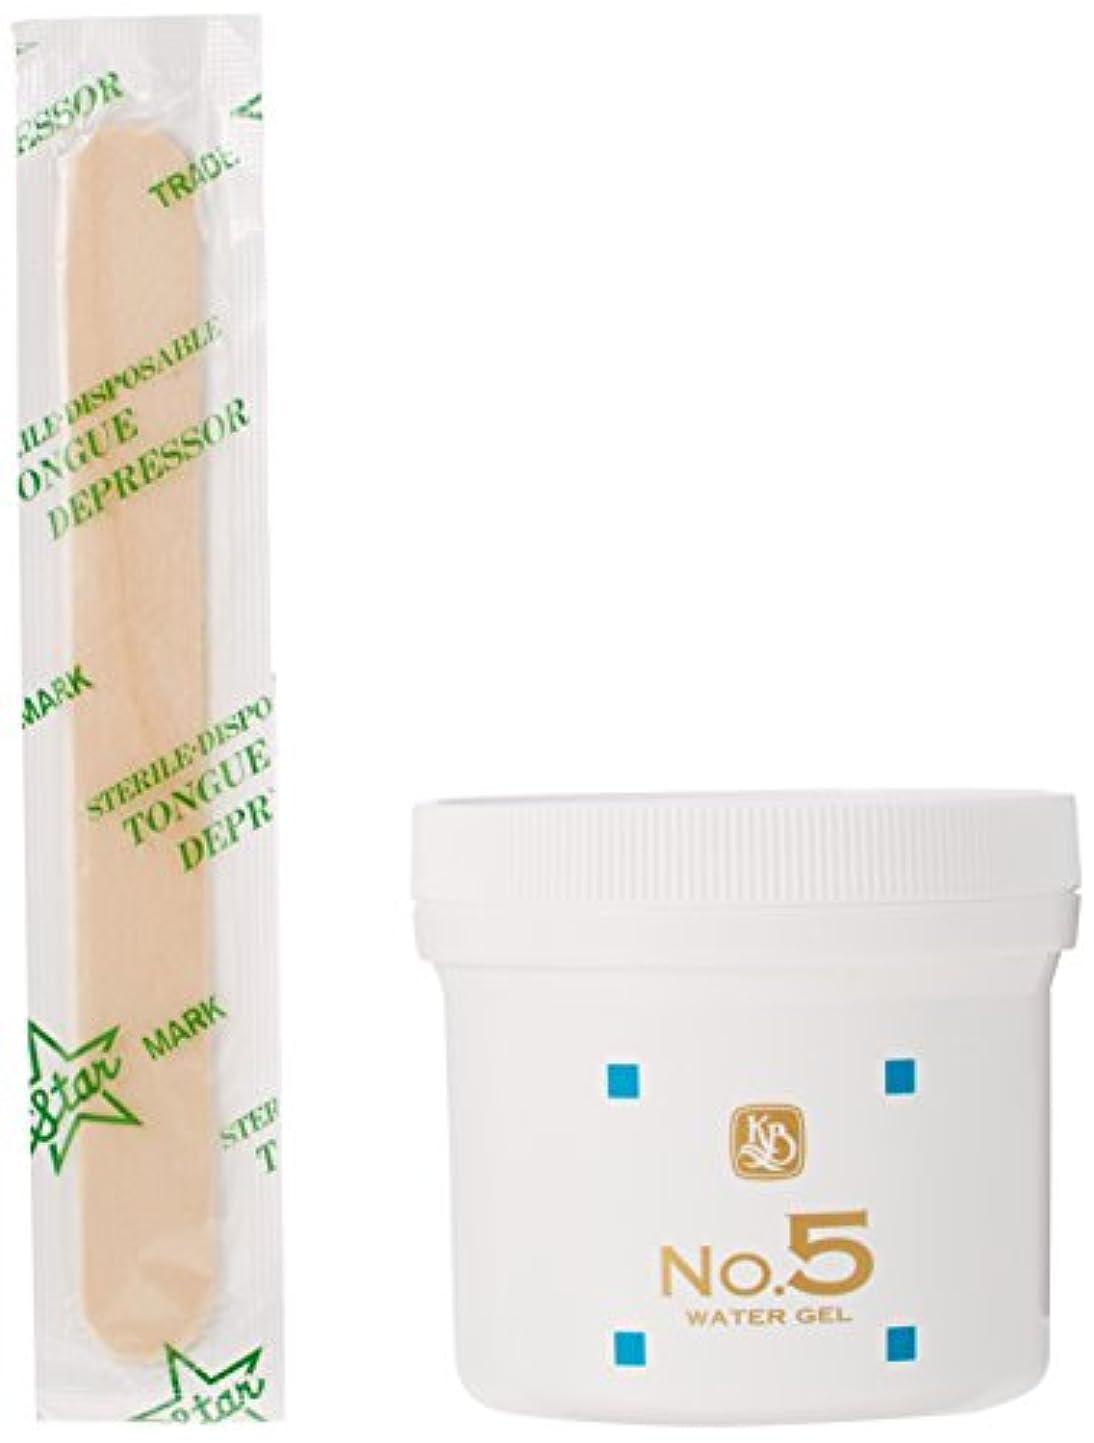 機会サークル投げる顔を洗う水 No.5 ウォーターゲル 保湿パック 250g